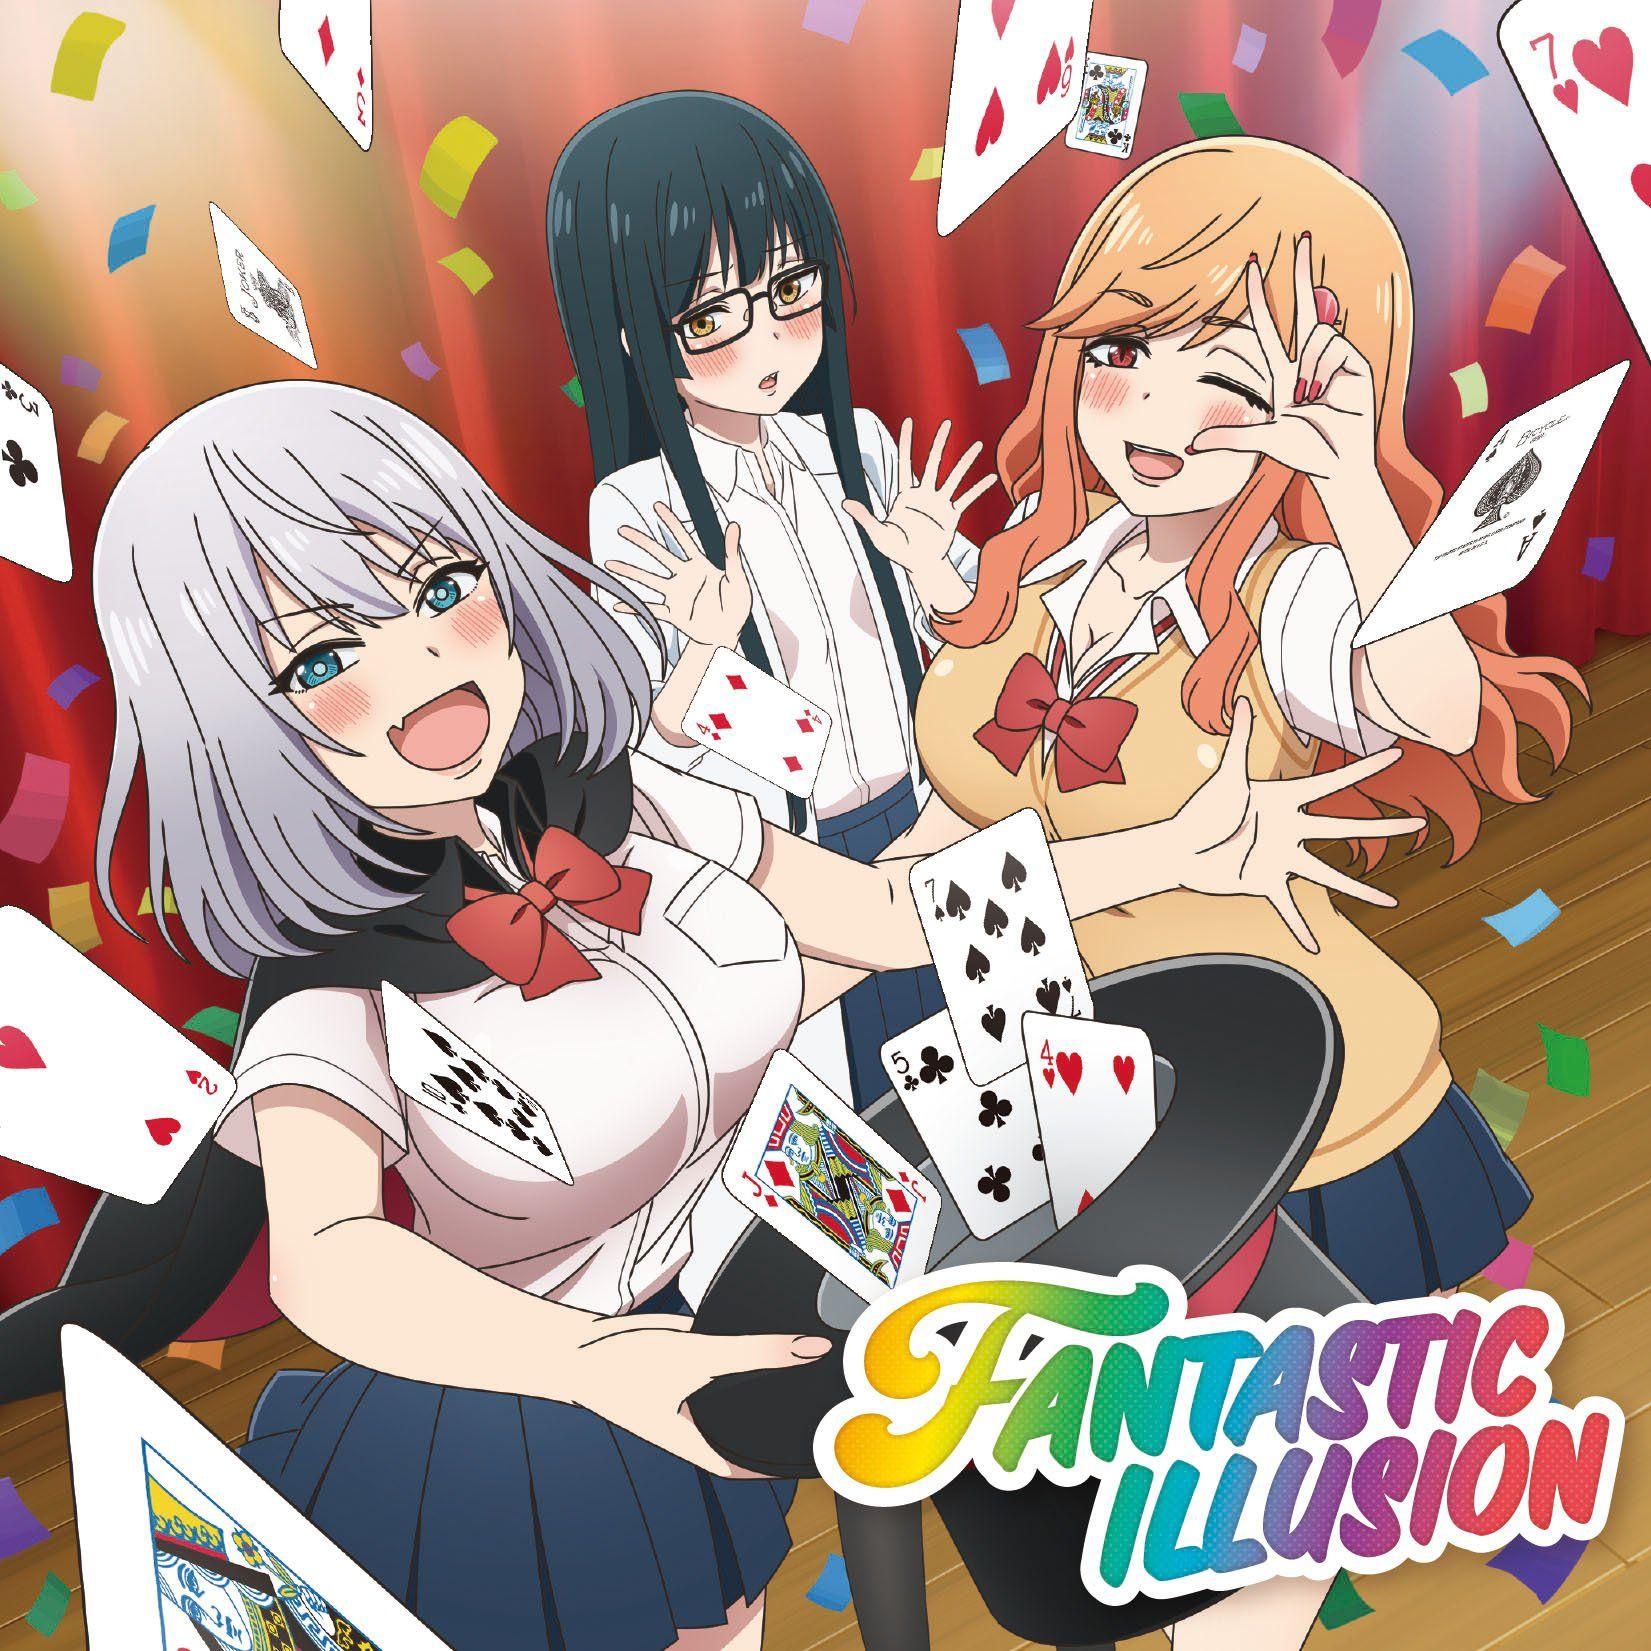 Pin By Hamha789 On Tenjina Senpaiiiii Illusions Anime Ost Anime Music